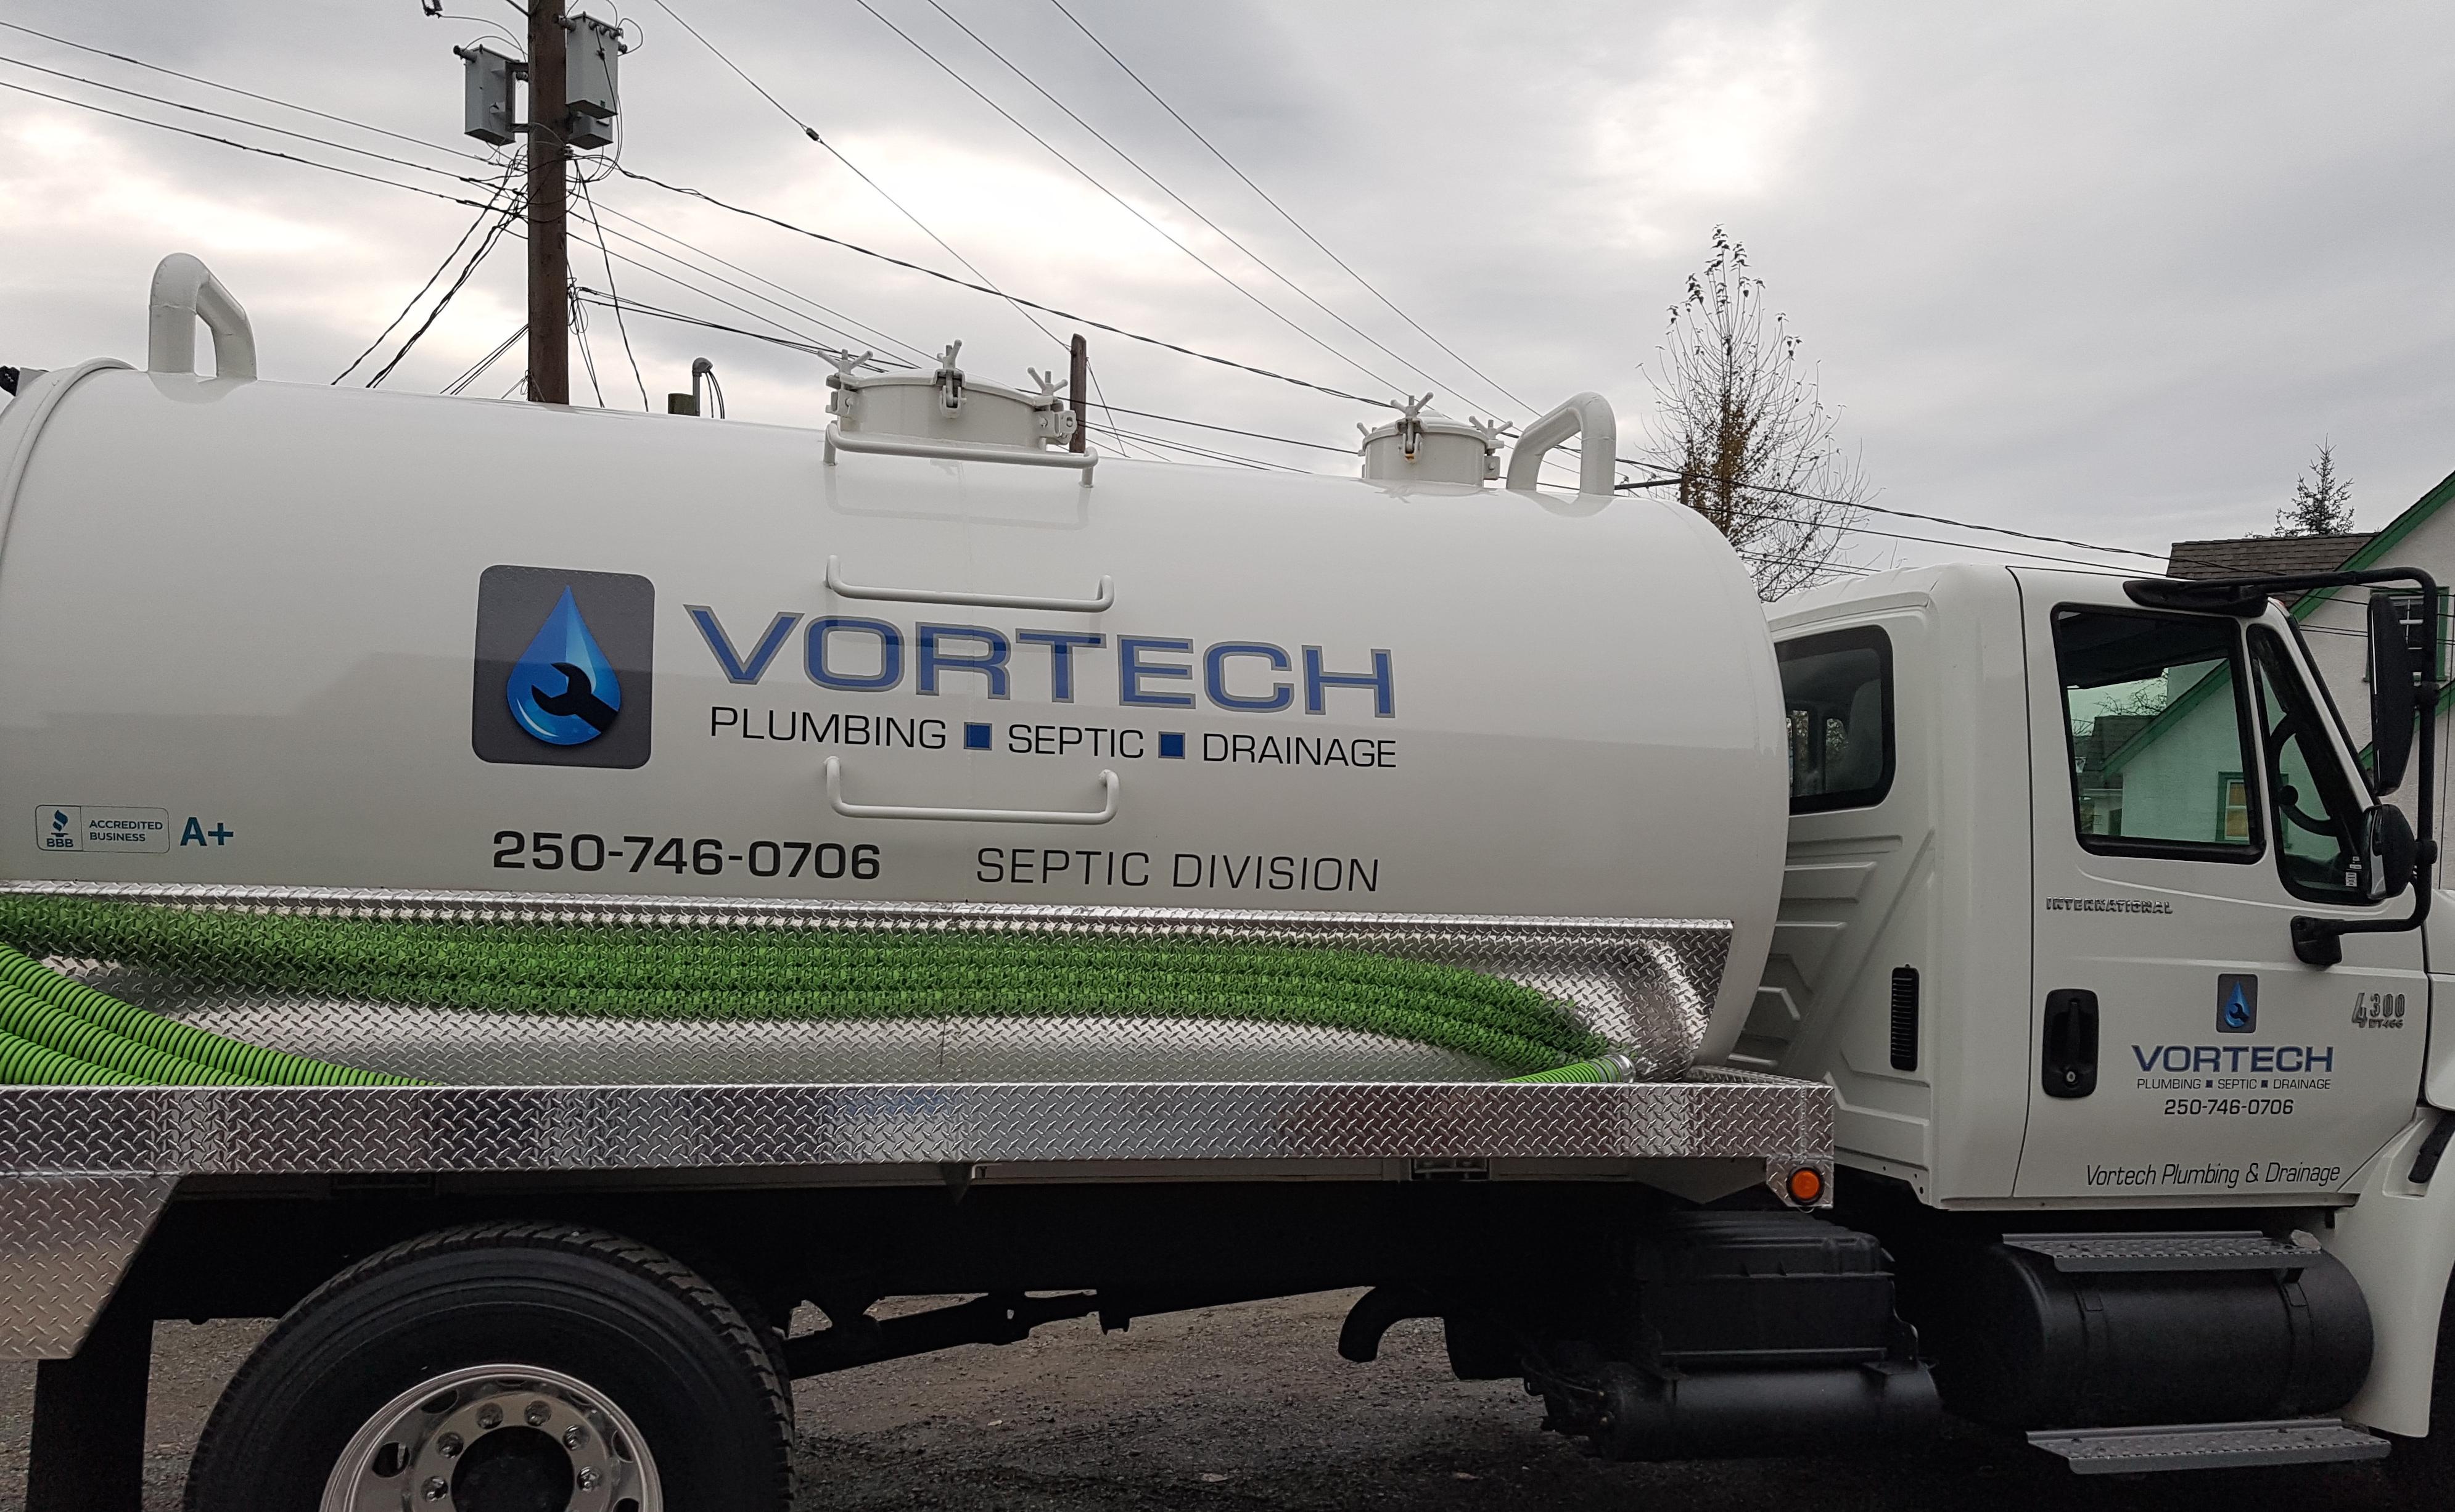 Vortech Plumbing Septic Truck